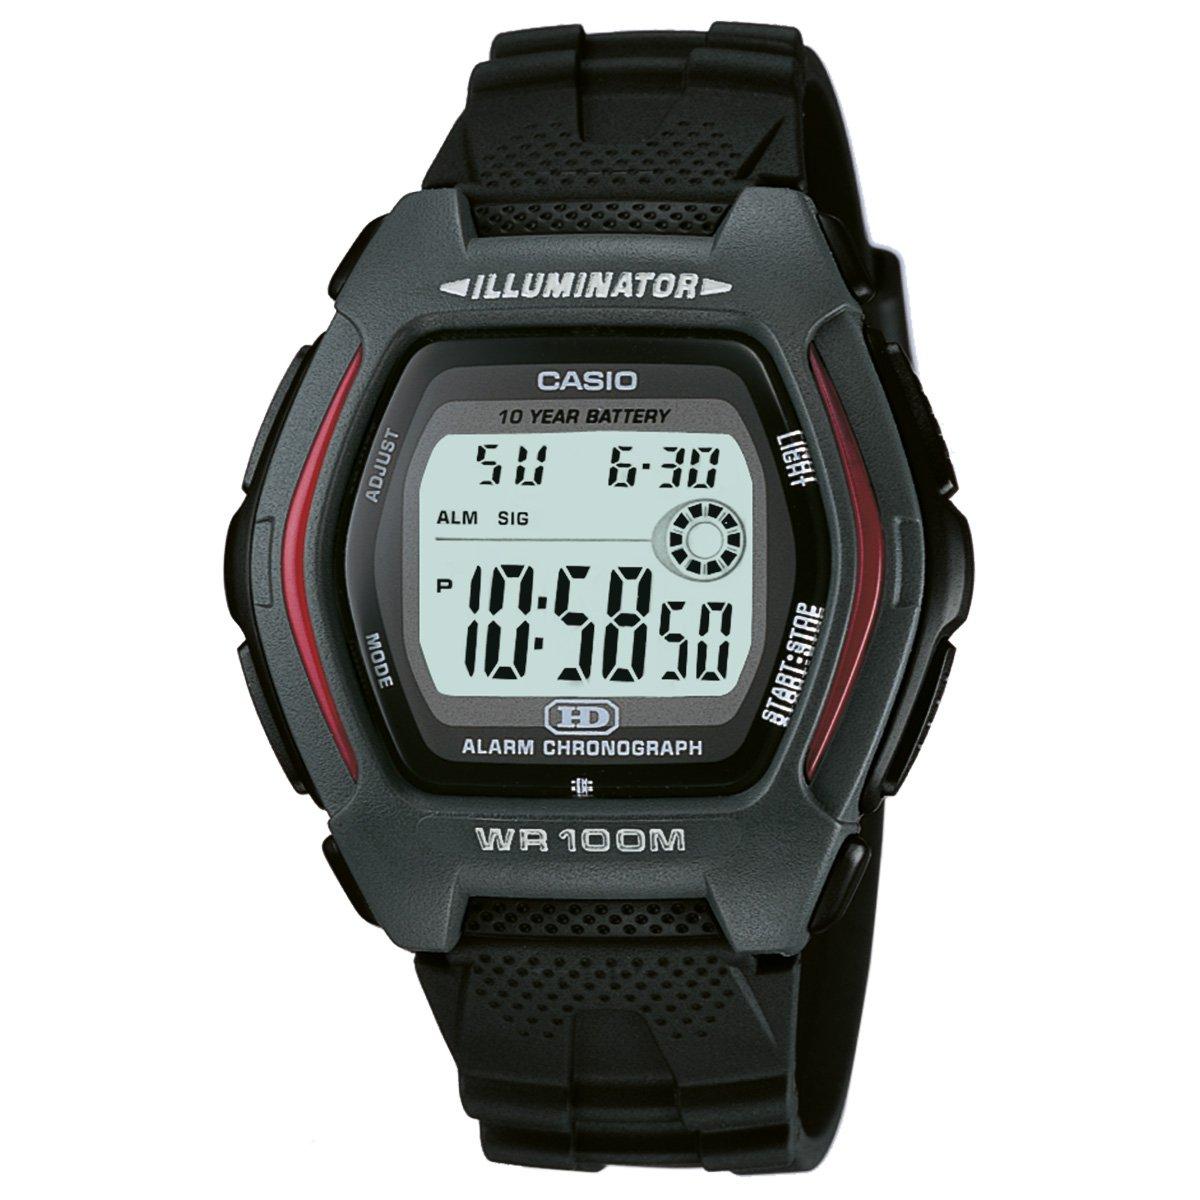 7124e38d4c1 Relógio Casio Digital HDD-600 - Preto - Compre Agora